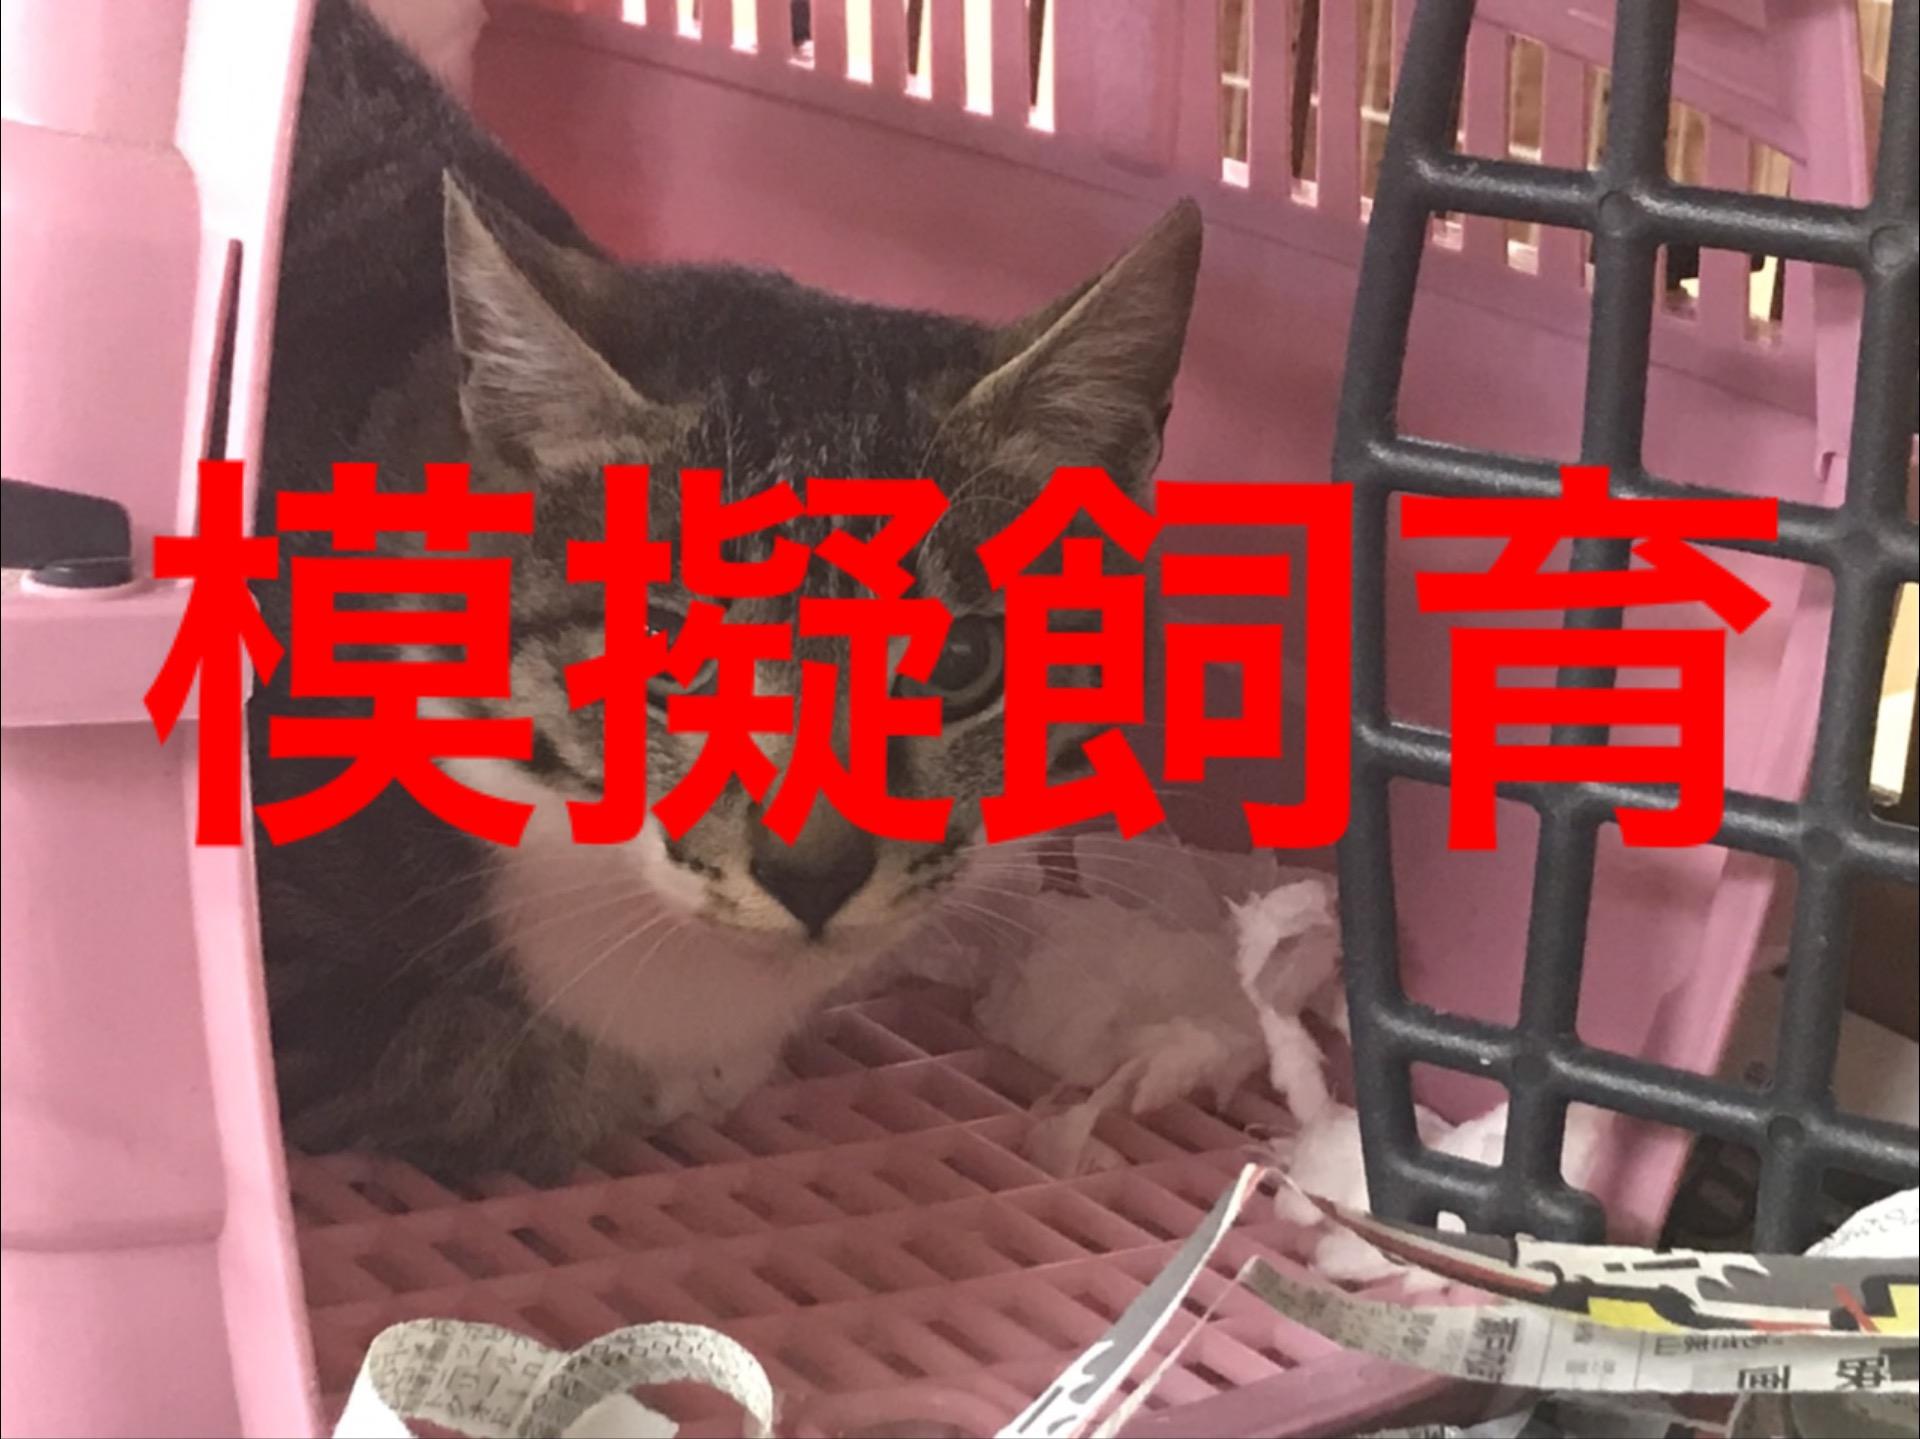 <p></p> <ul> <li>猫種:日本猫 キジトラ白</li> <li>性別:男の子</li> <li>名前:みーちゃん</li> <li>年齢:H30.9月生まれ</li> <li>保護経緯:飼い主様の諸事情により飼育困難になりました</li> </ul>